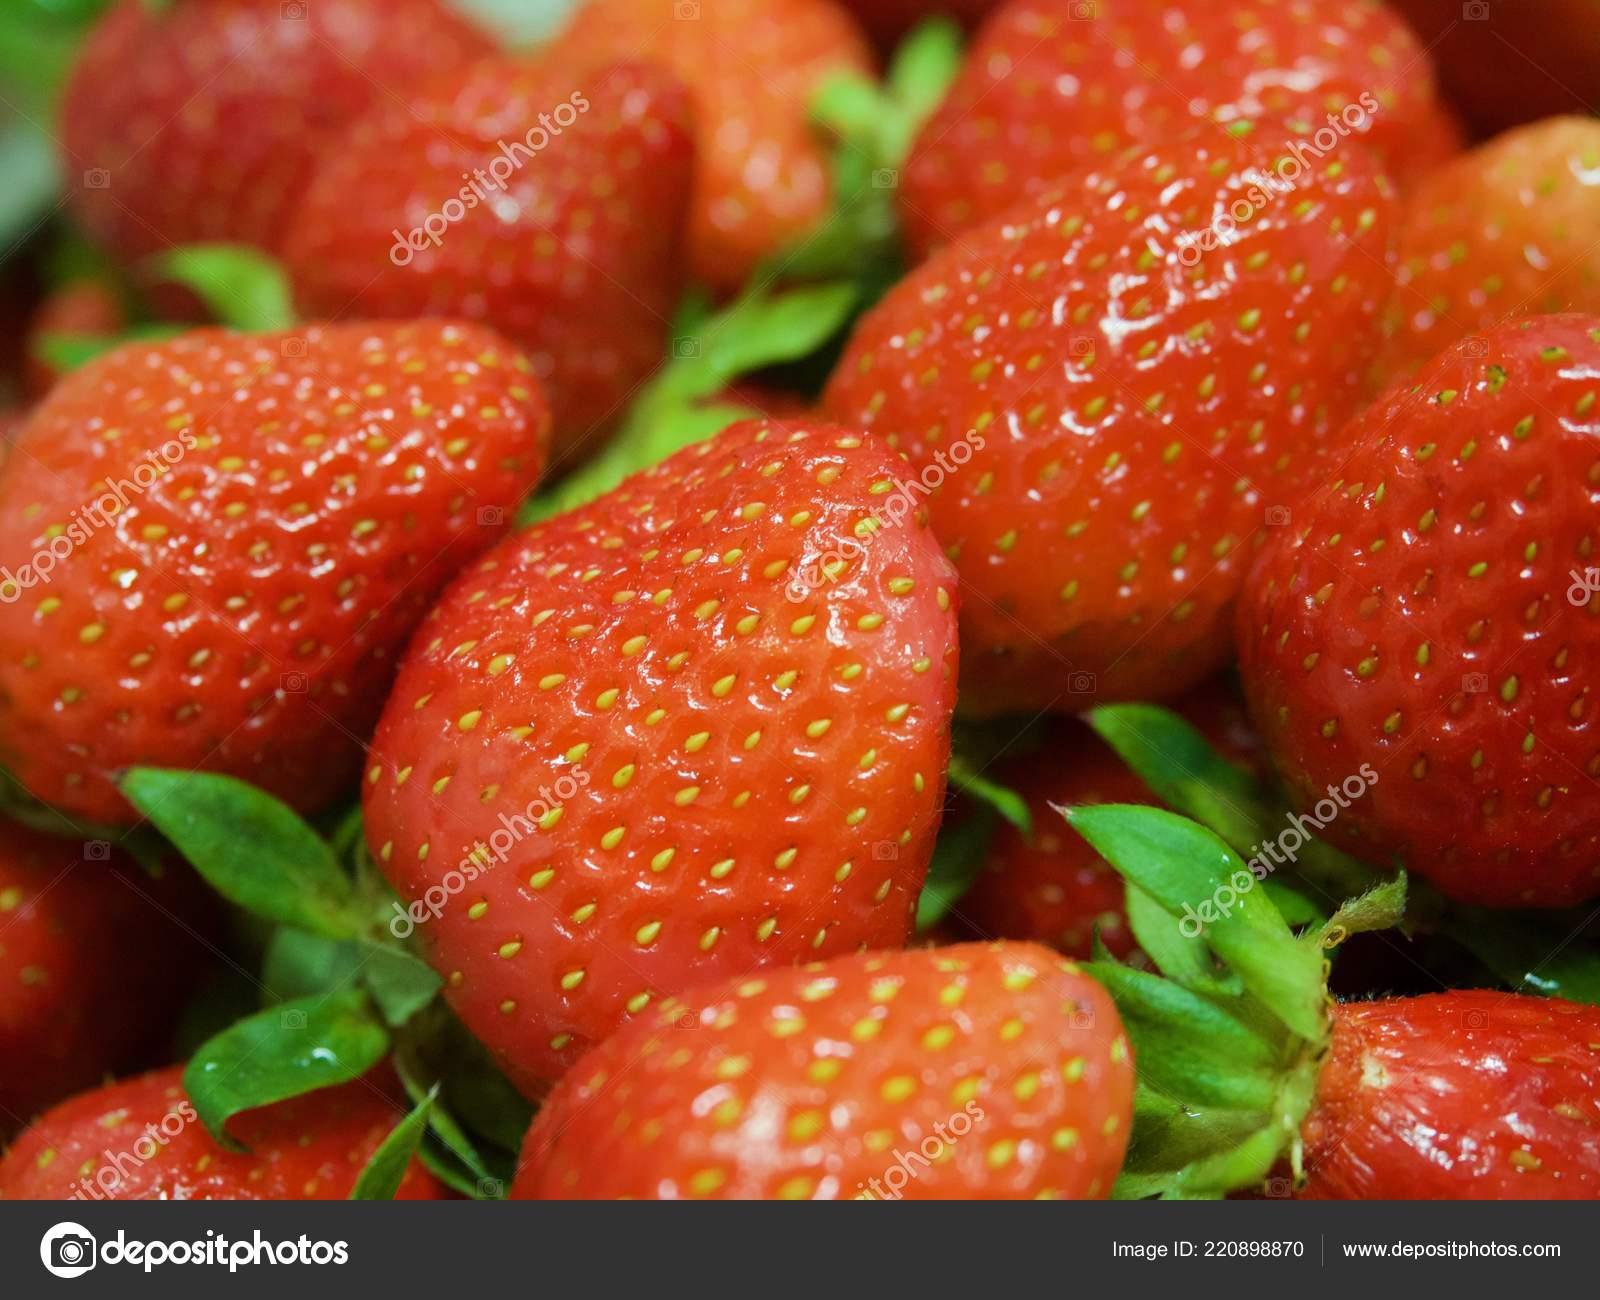 ☆ корейский в картинках ☆ фрукты ☆ youtube.